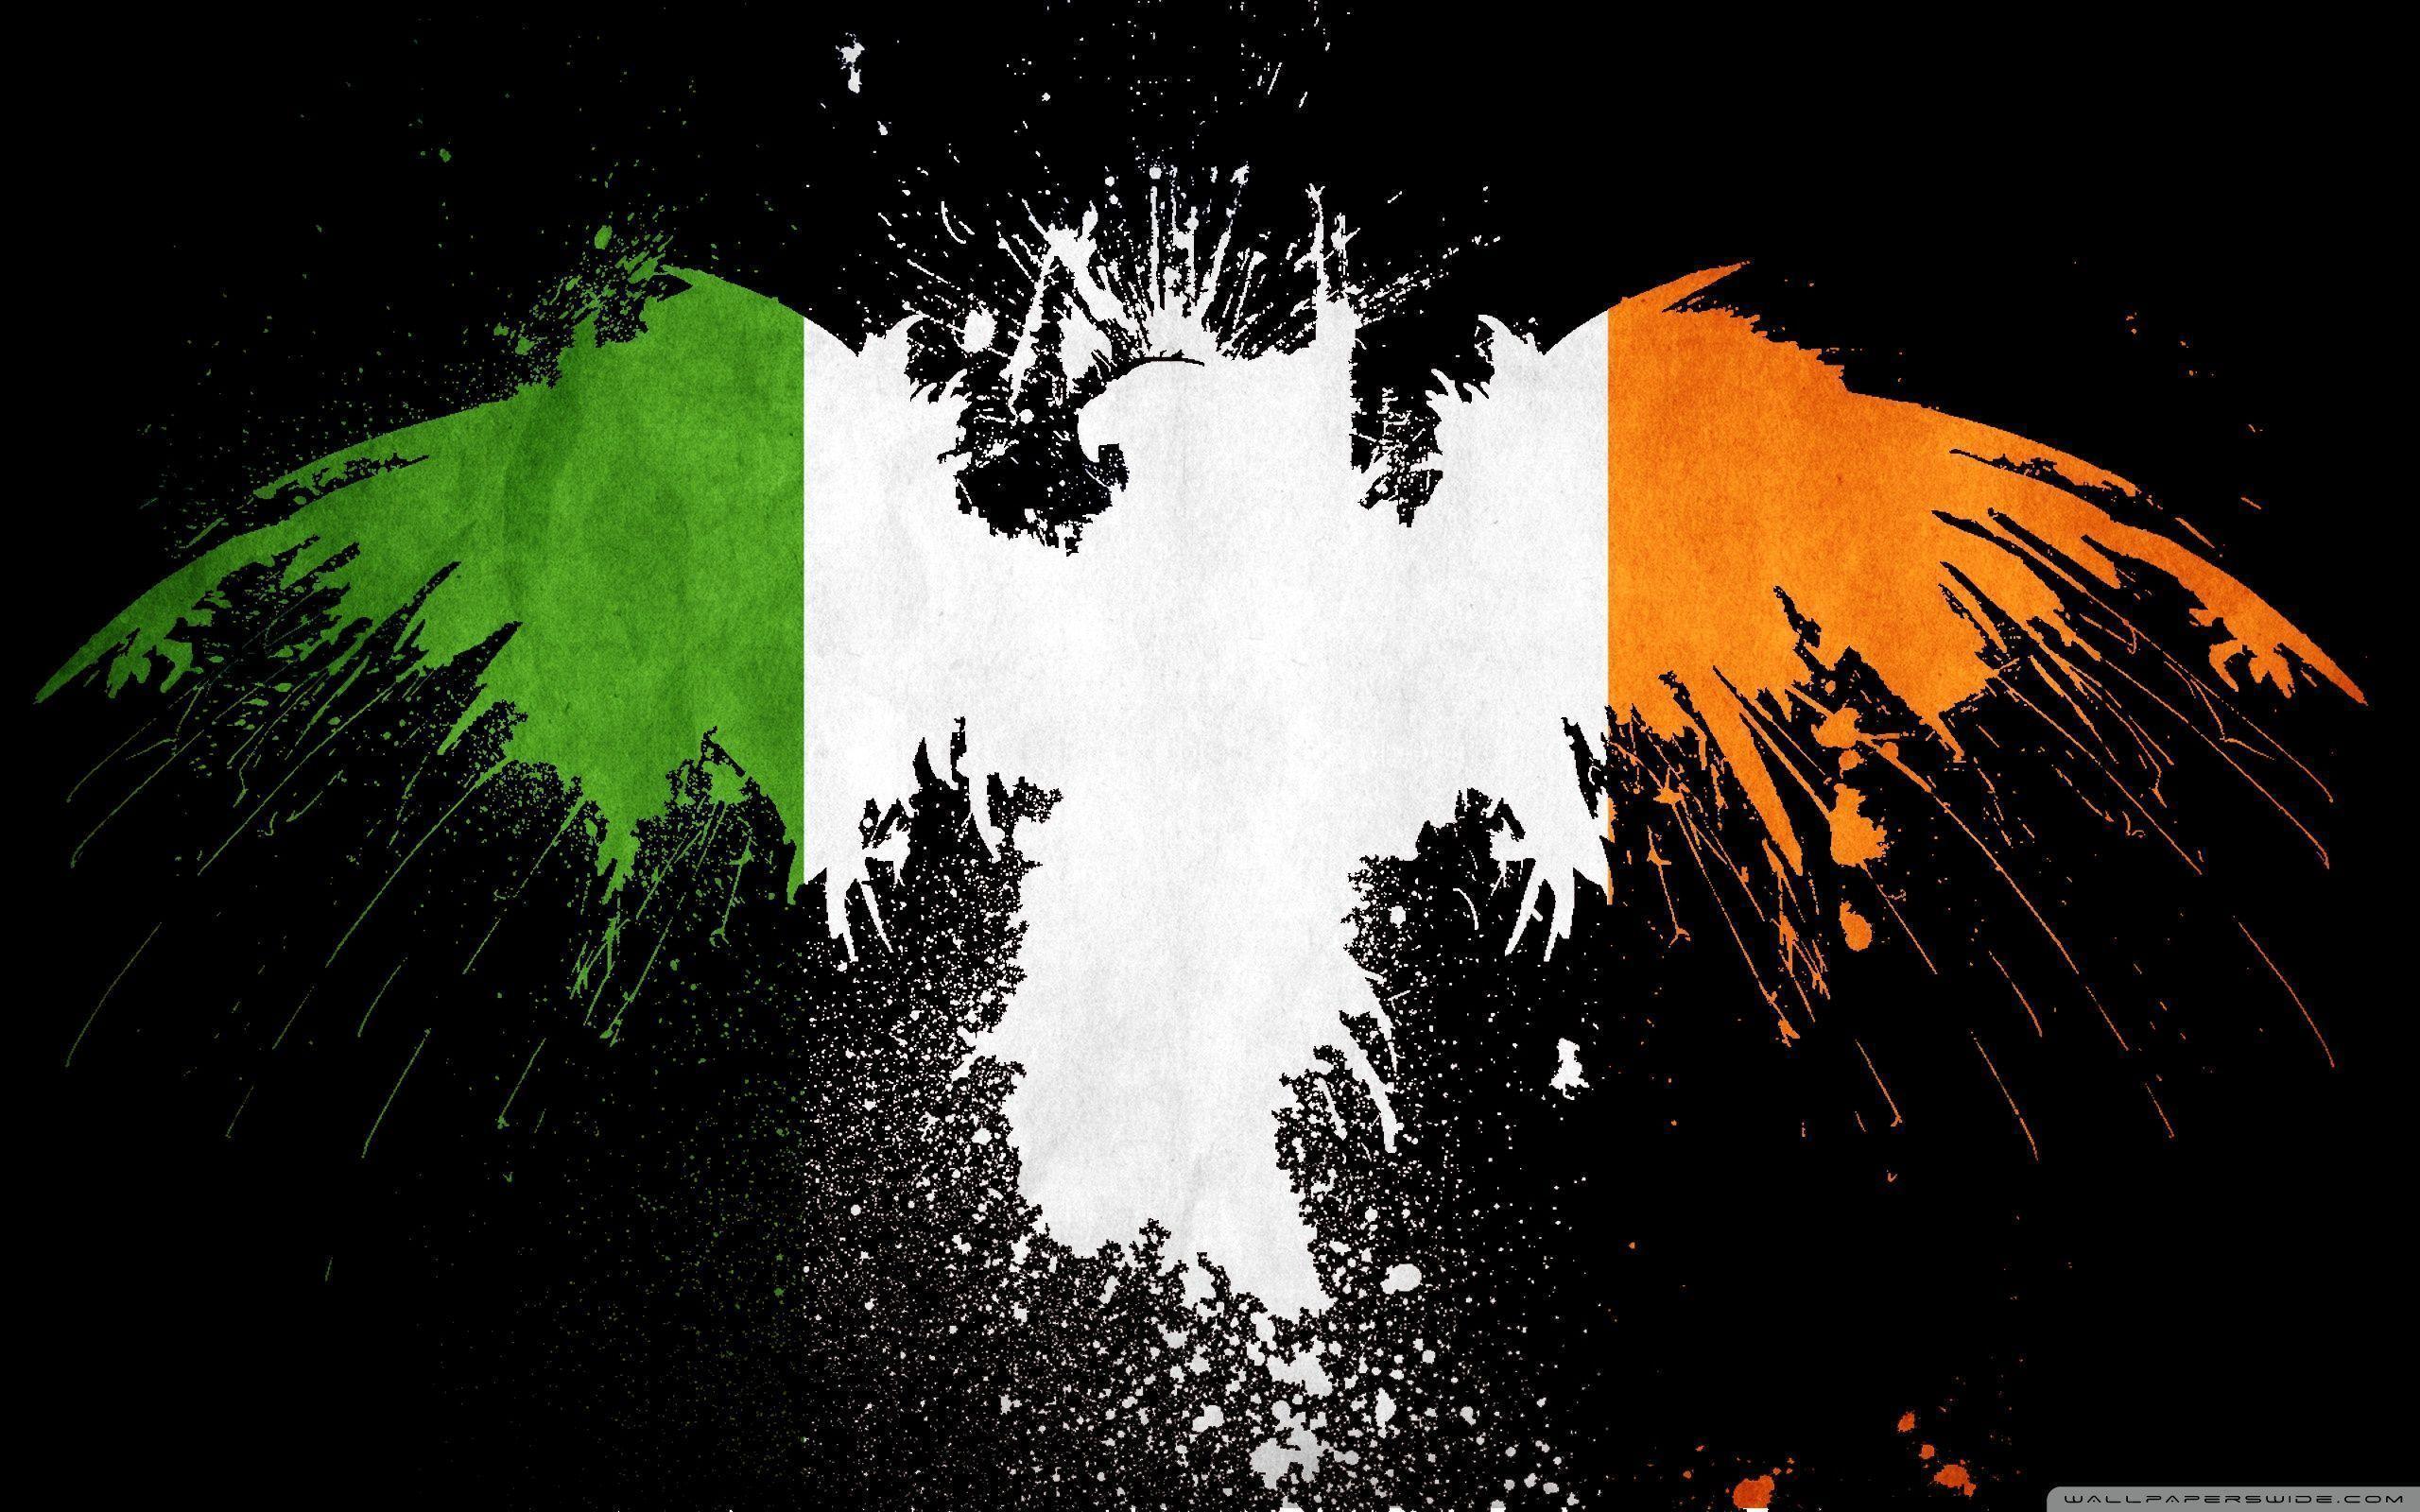 Irish Desktop Backgrounds  Wallpaper Cave